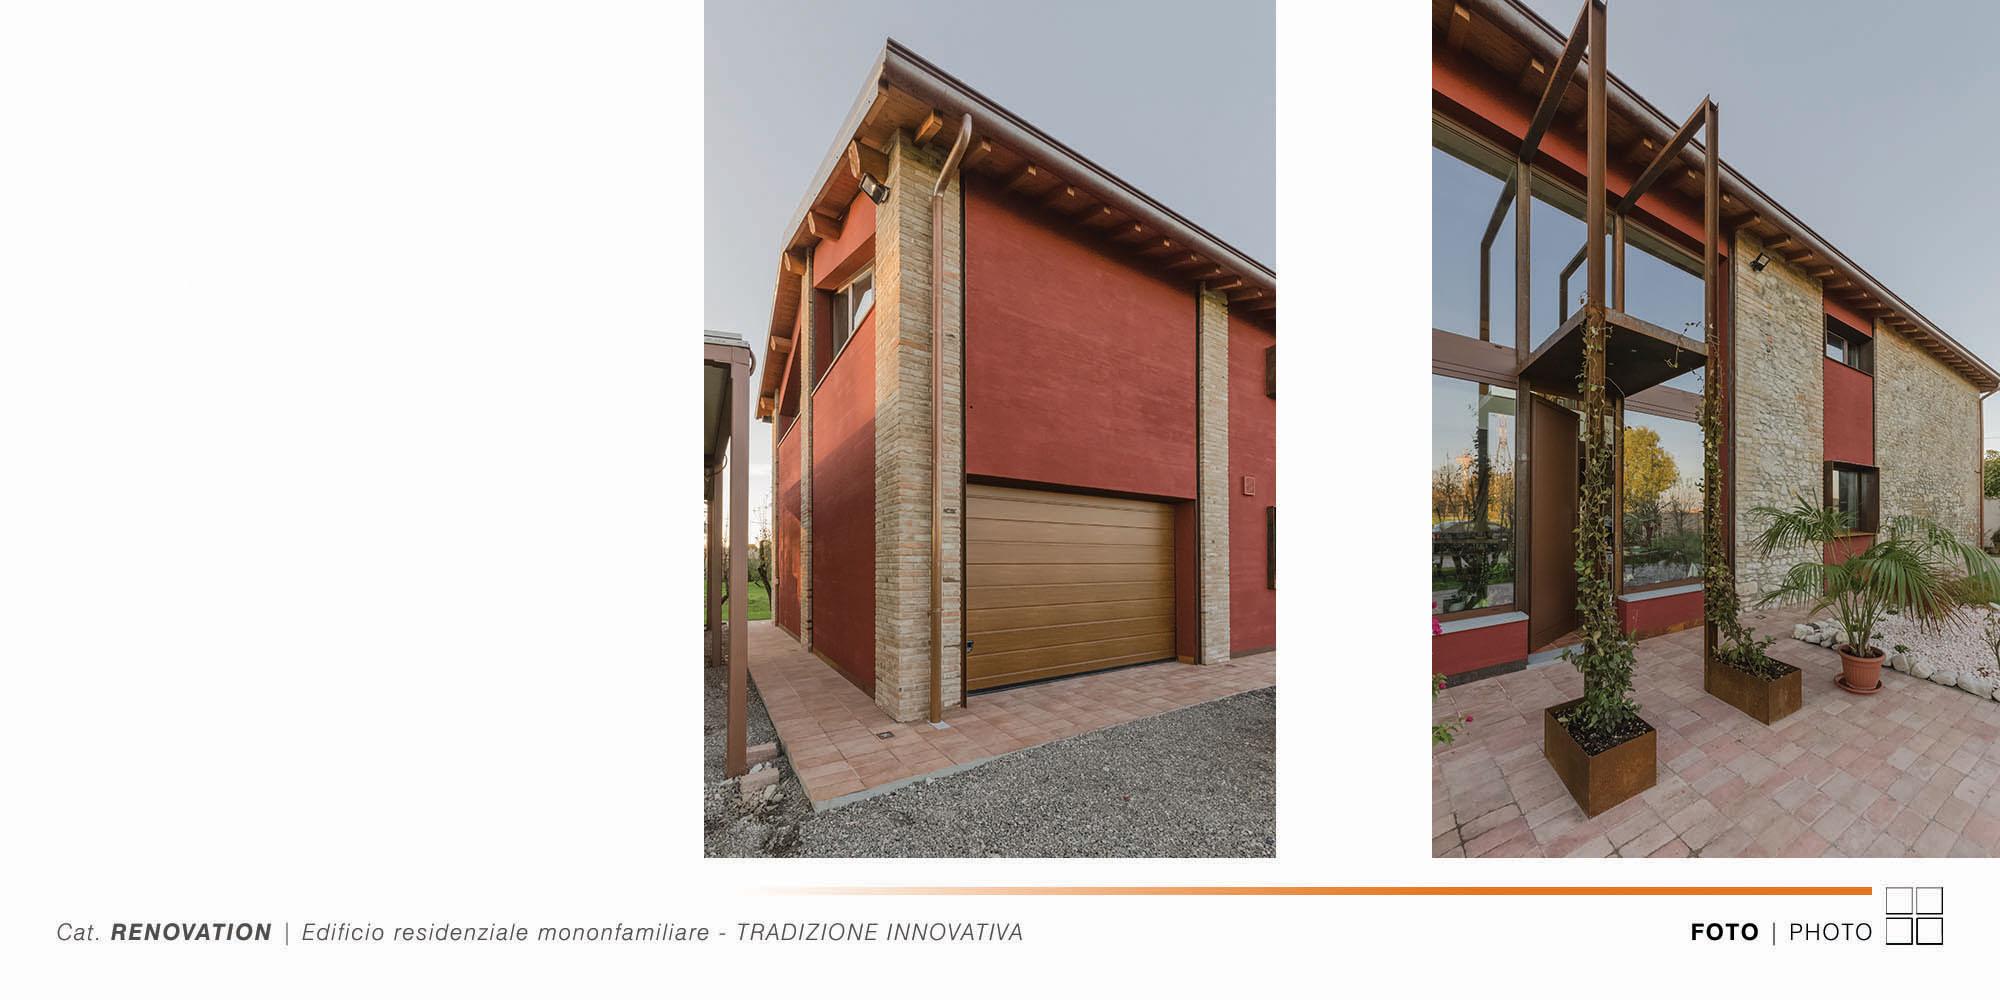 Edificio Residenziale Monofamiliare - TRADIZIONE INNOVATIVA - 004